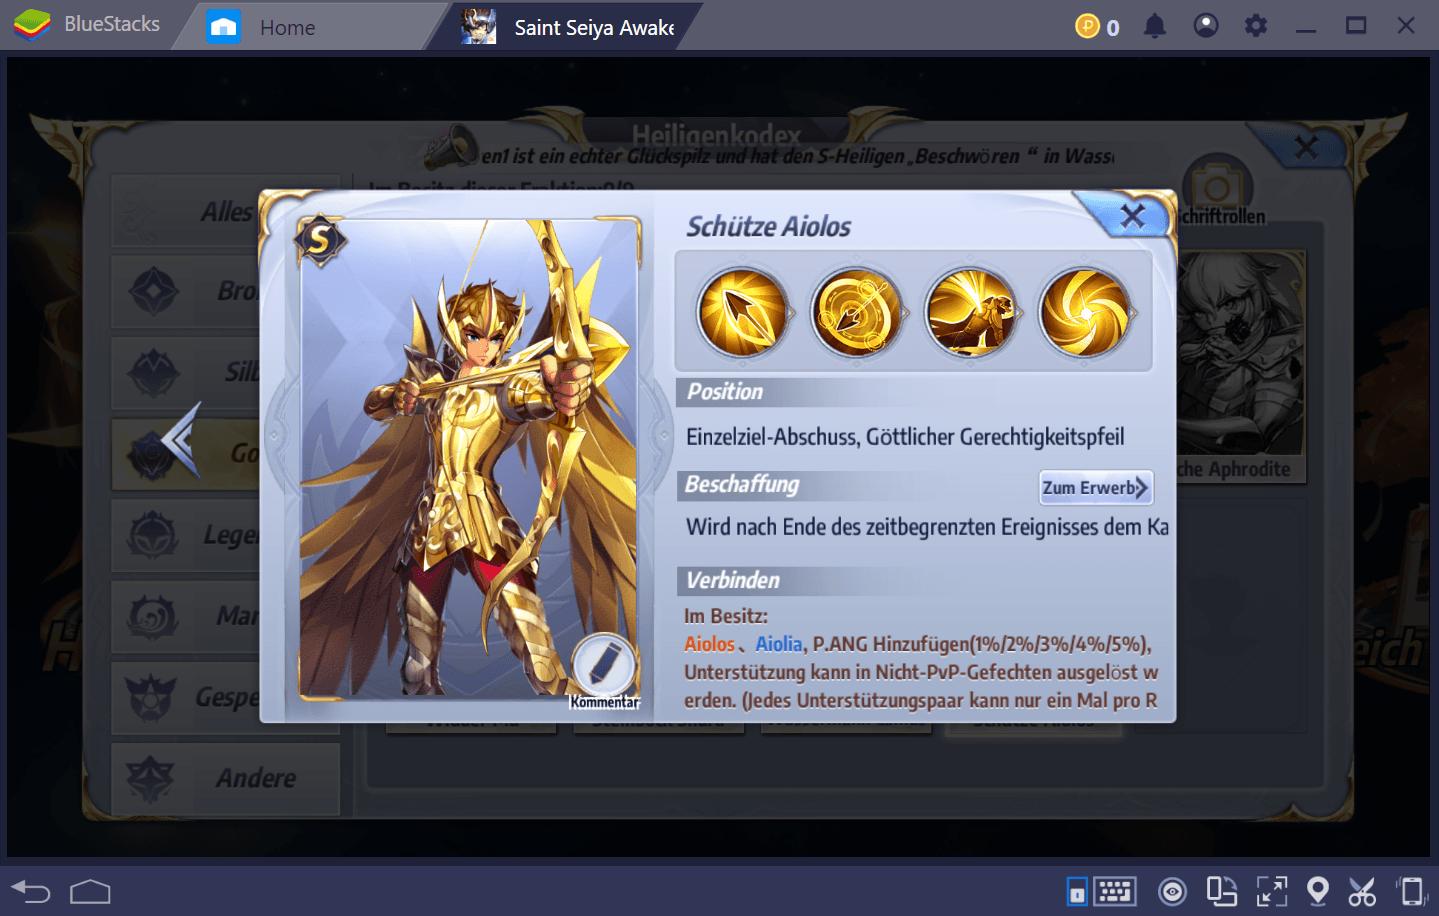 Saint Seiya Awakening: Guide zu den besten Heiligen im Spiel